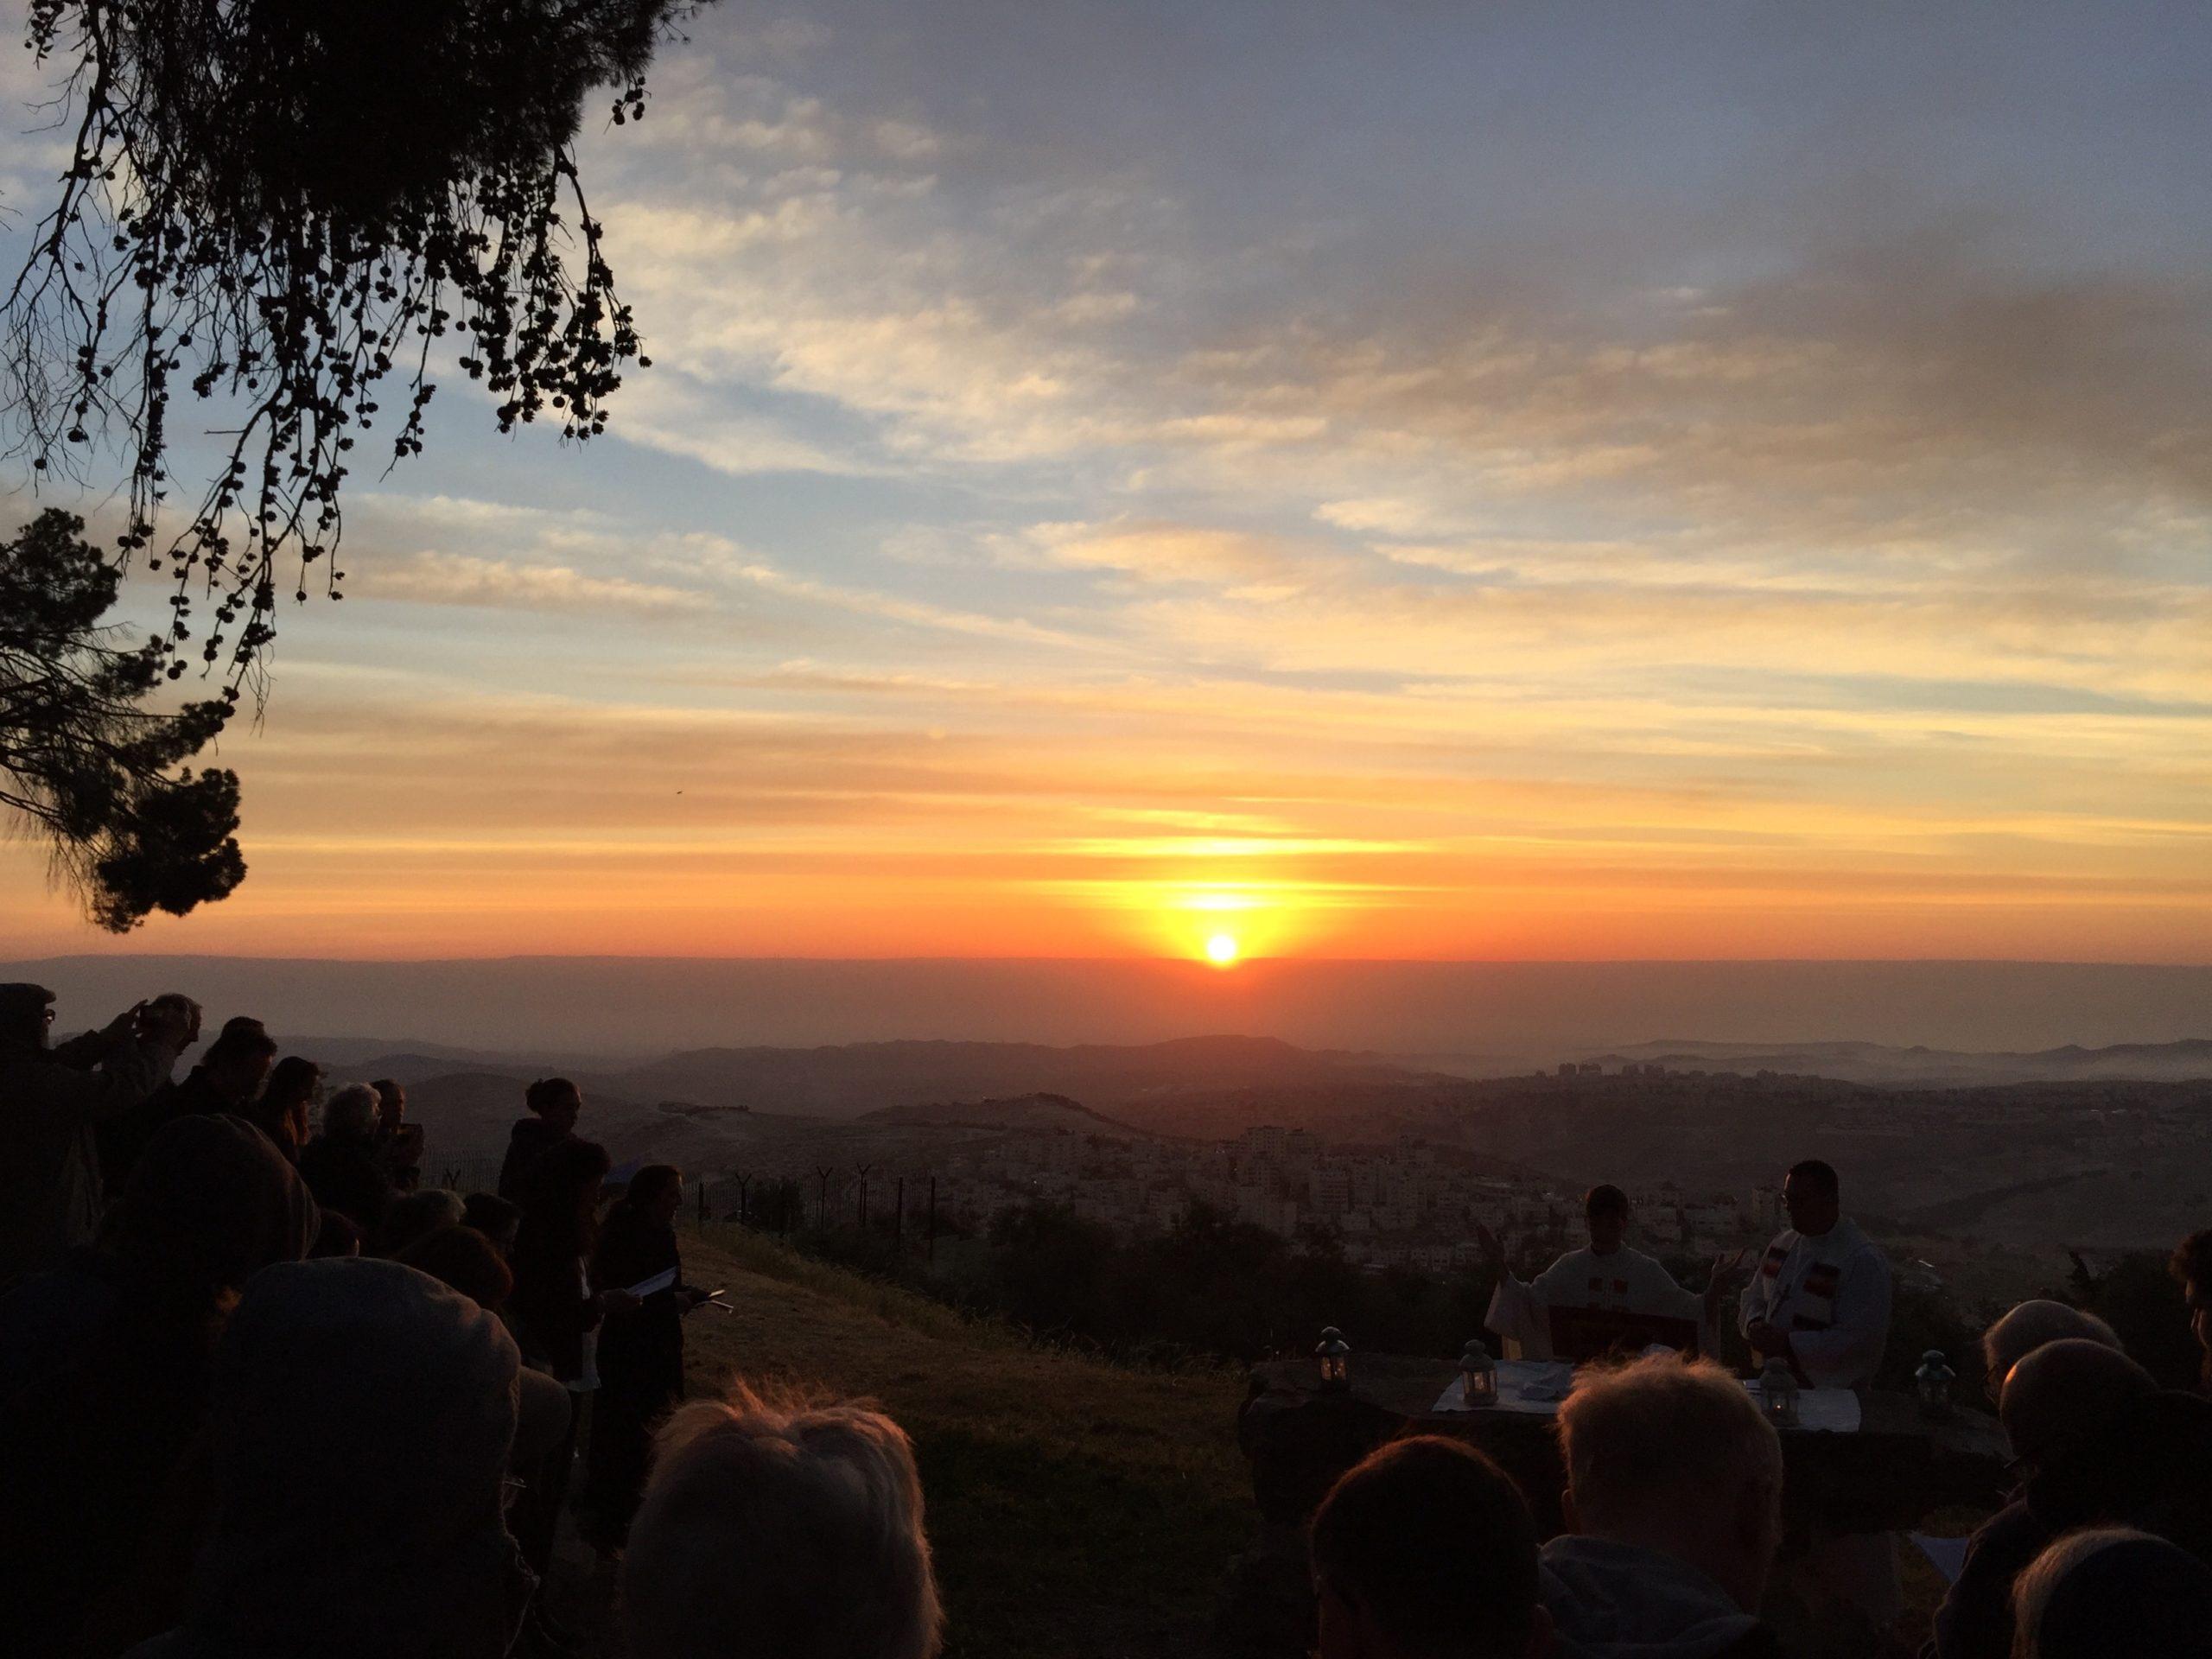 Israel_Palestine_Sara_Makari_Easter_Sunrise_Service_on_Mt._of_Olives.jpeg